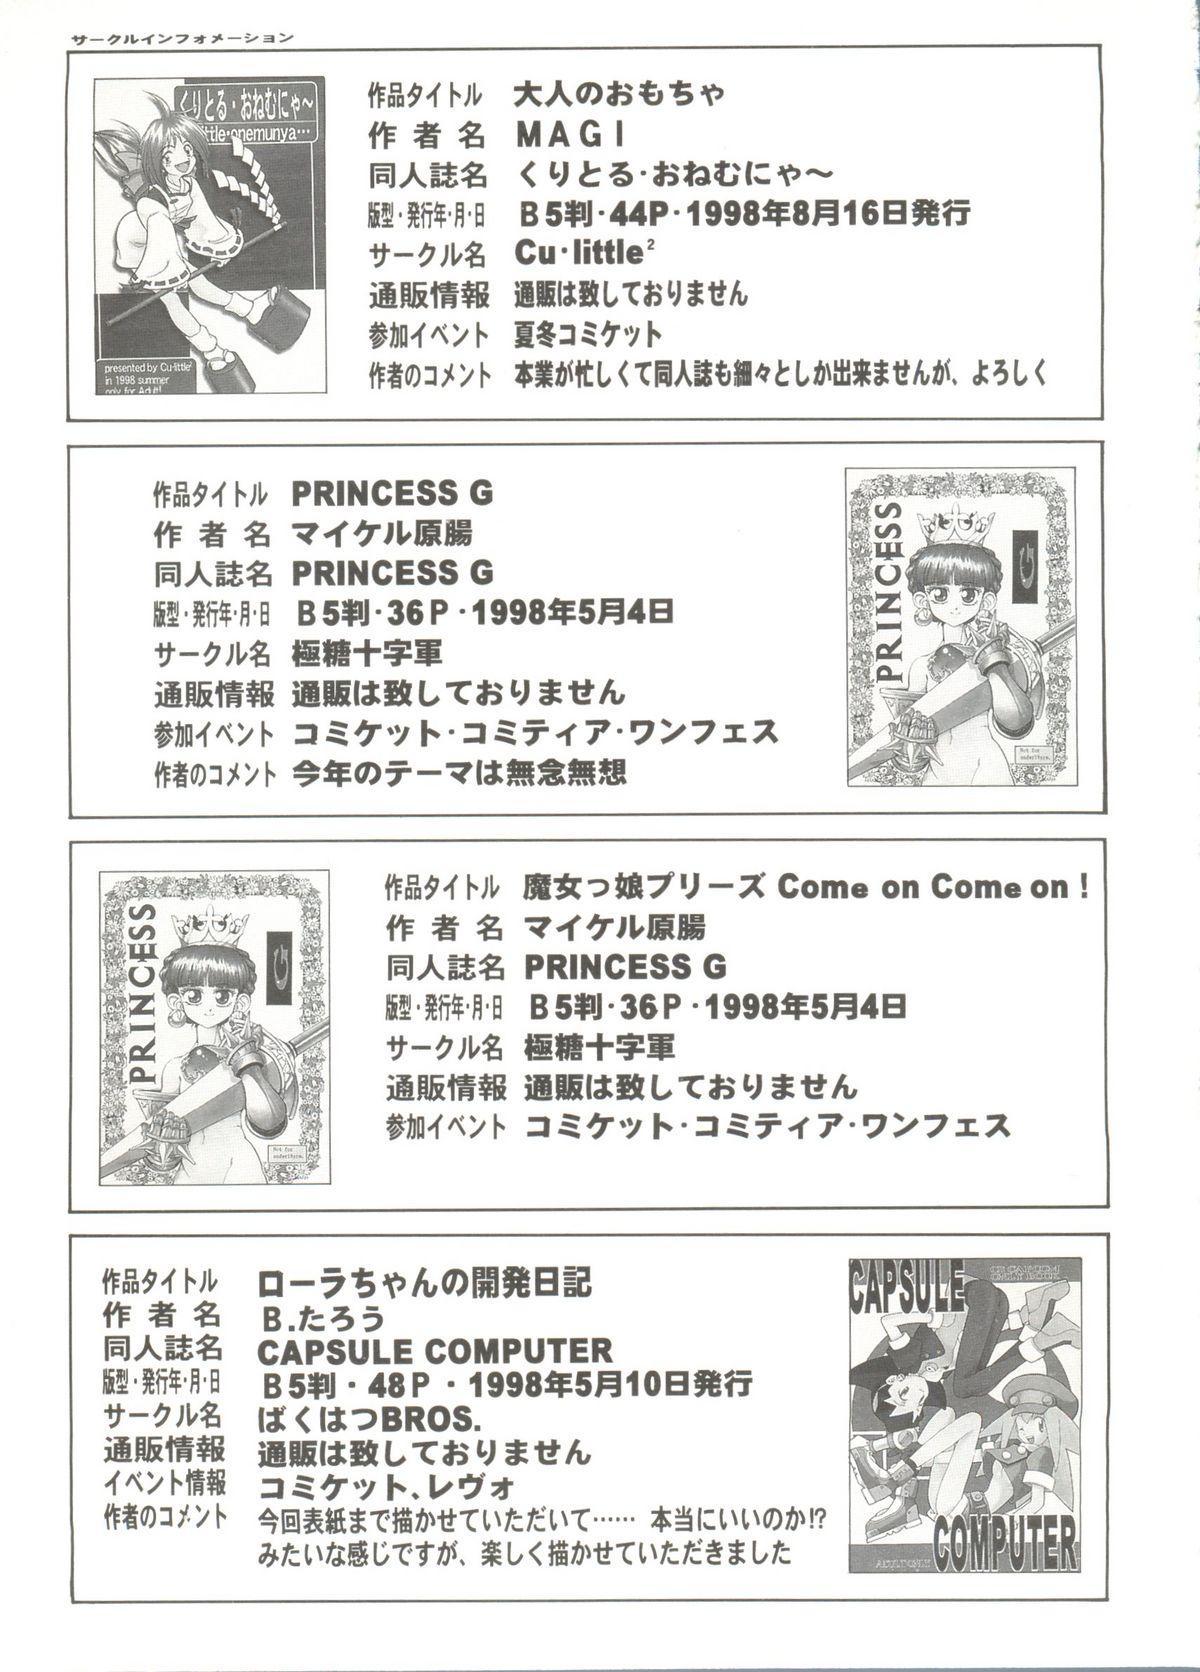 Denei Tamate Bako Bishoujo Doujinshi Anthology Vol. 2 - Nishinhou no Tenshi 138